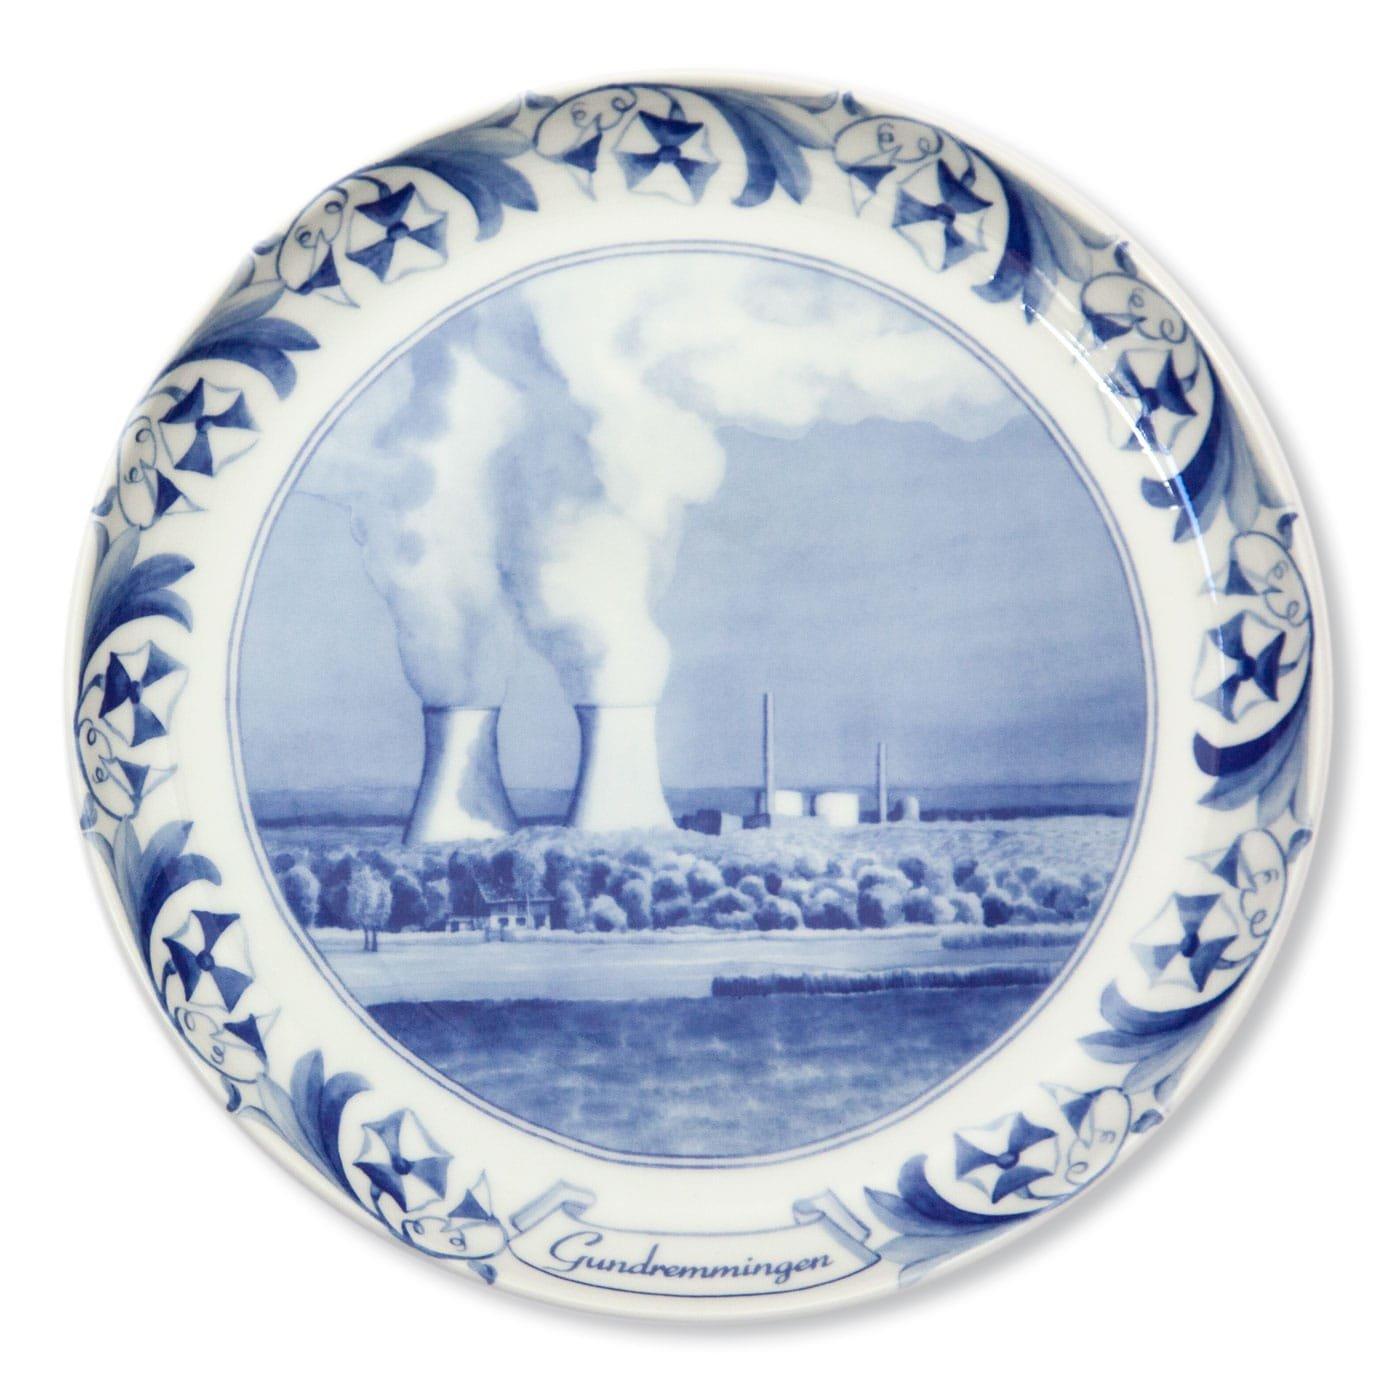 porcelain-nuclear-reactors-plates-gundremmingen